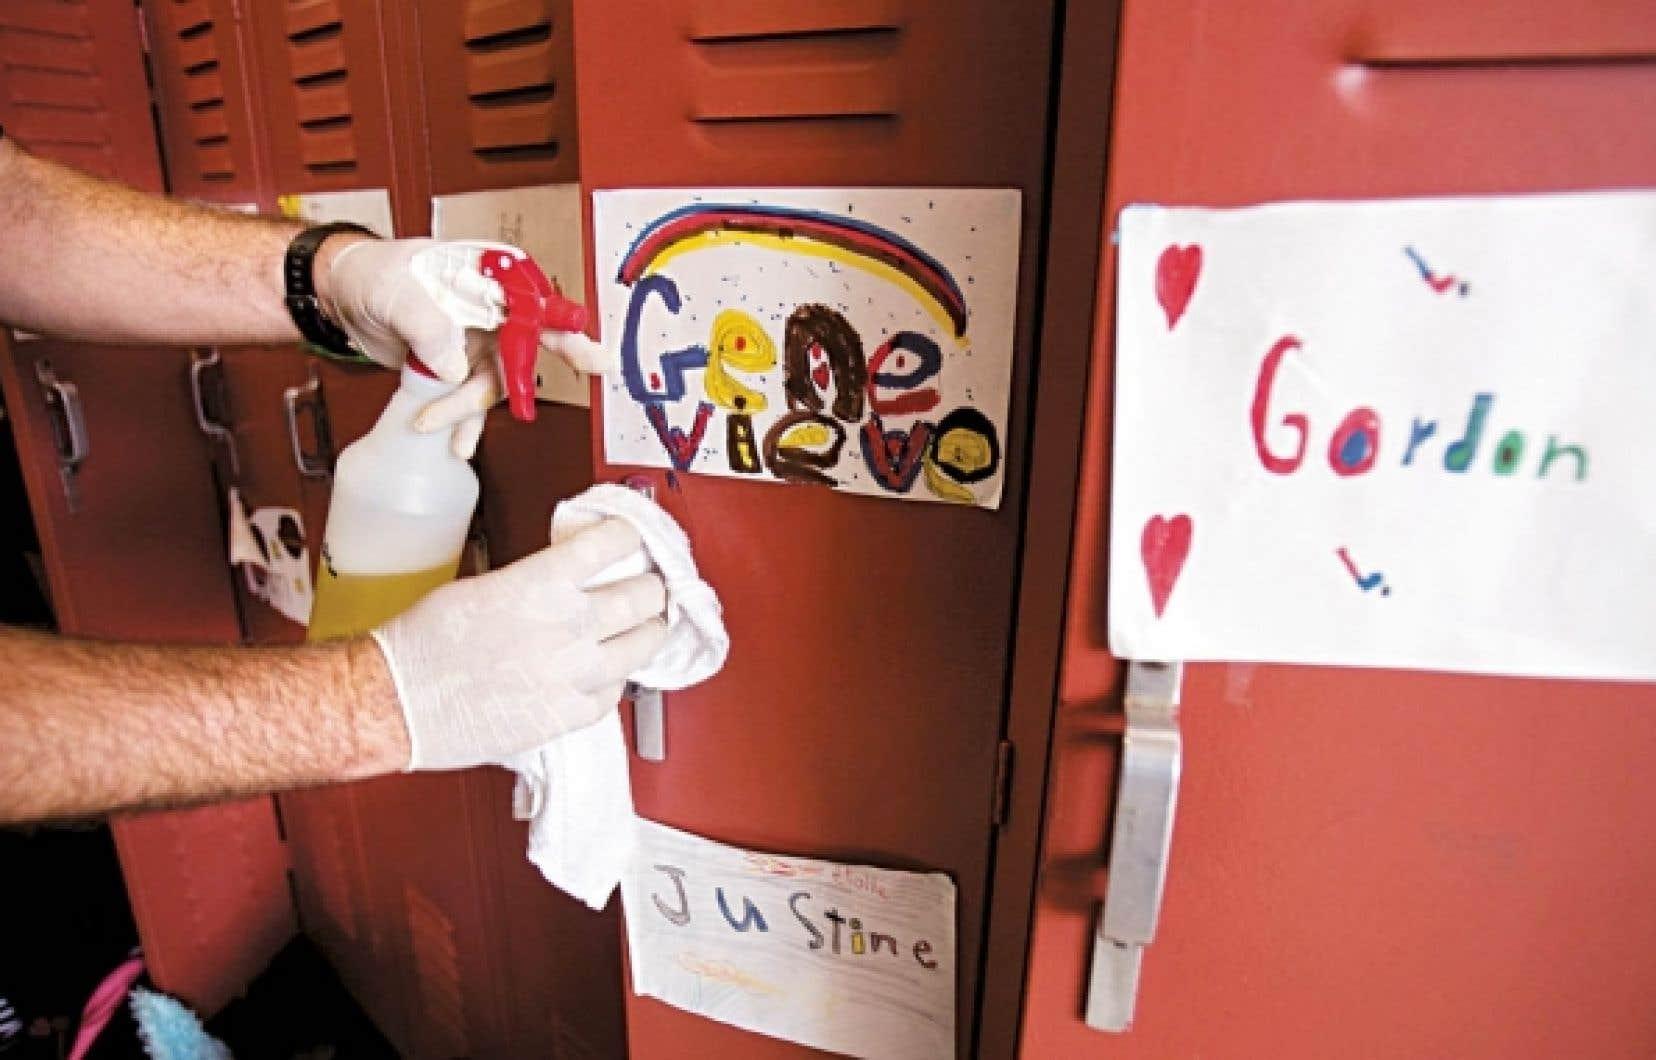 La menace de la grippe A(H1N1) a rappelé aux Canadiens l'importance de se laver souvent les mains et de désinfecter les espaces communs. Toutefois, cette grippe, à l'origine de plusieurs débordements l'an dernier, ne s'est pas révélée plus mortelle ni plus contagieuse que sa cousine saisonnière.